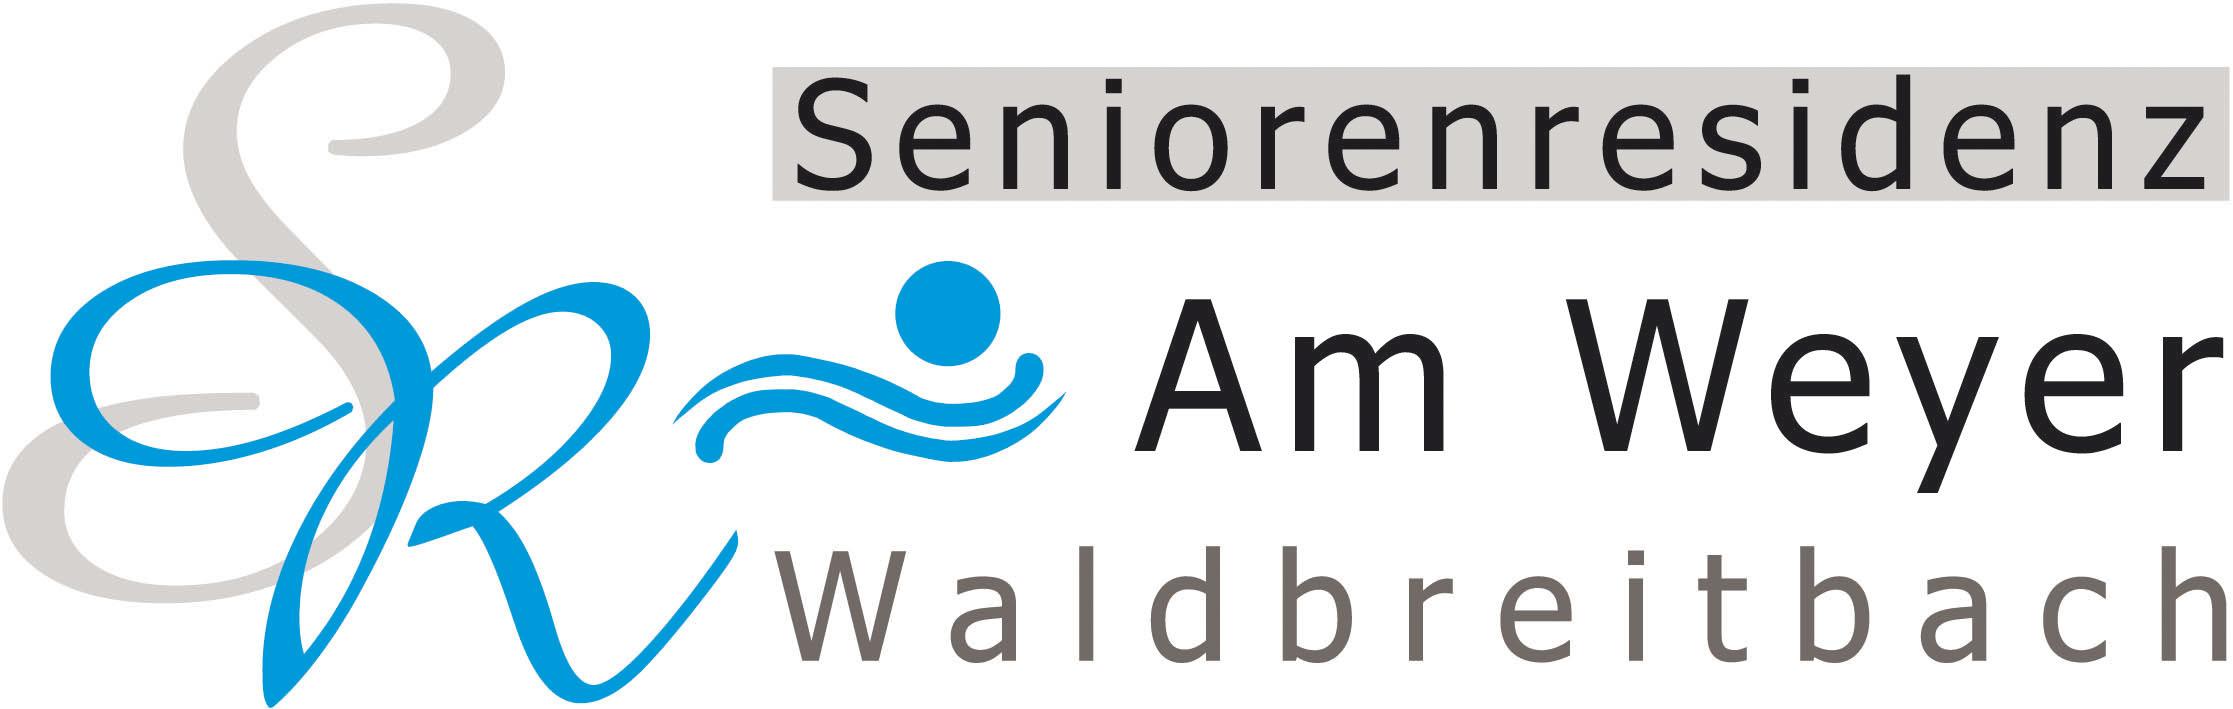 SR-Seniorenresidenz